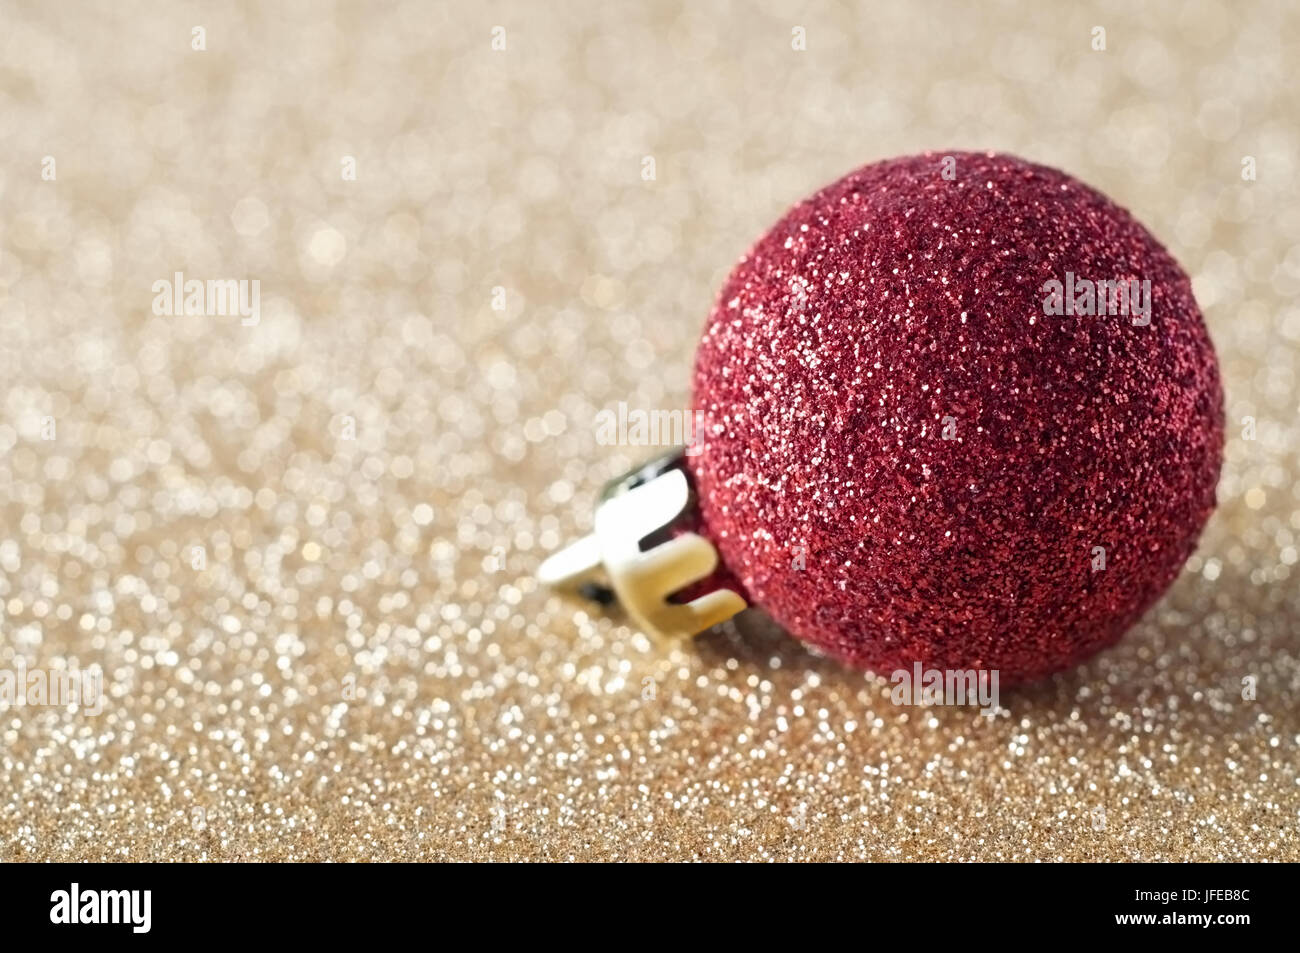 Un singolo, rosso scintillanti ninnolo, rivestito in glitter, appoggiato su un gold glitter sfondo che si ammorbidisce Immagini Stock